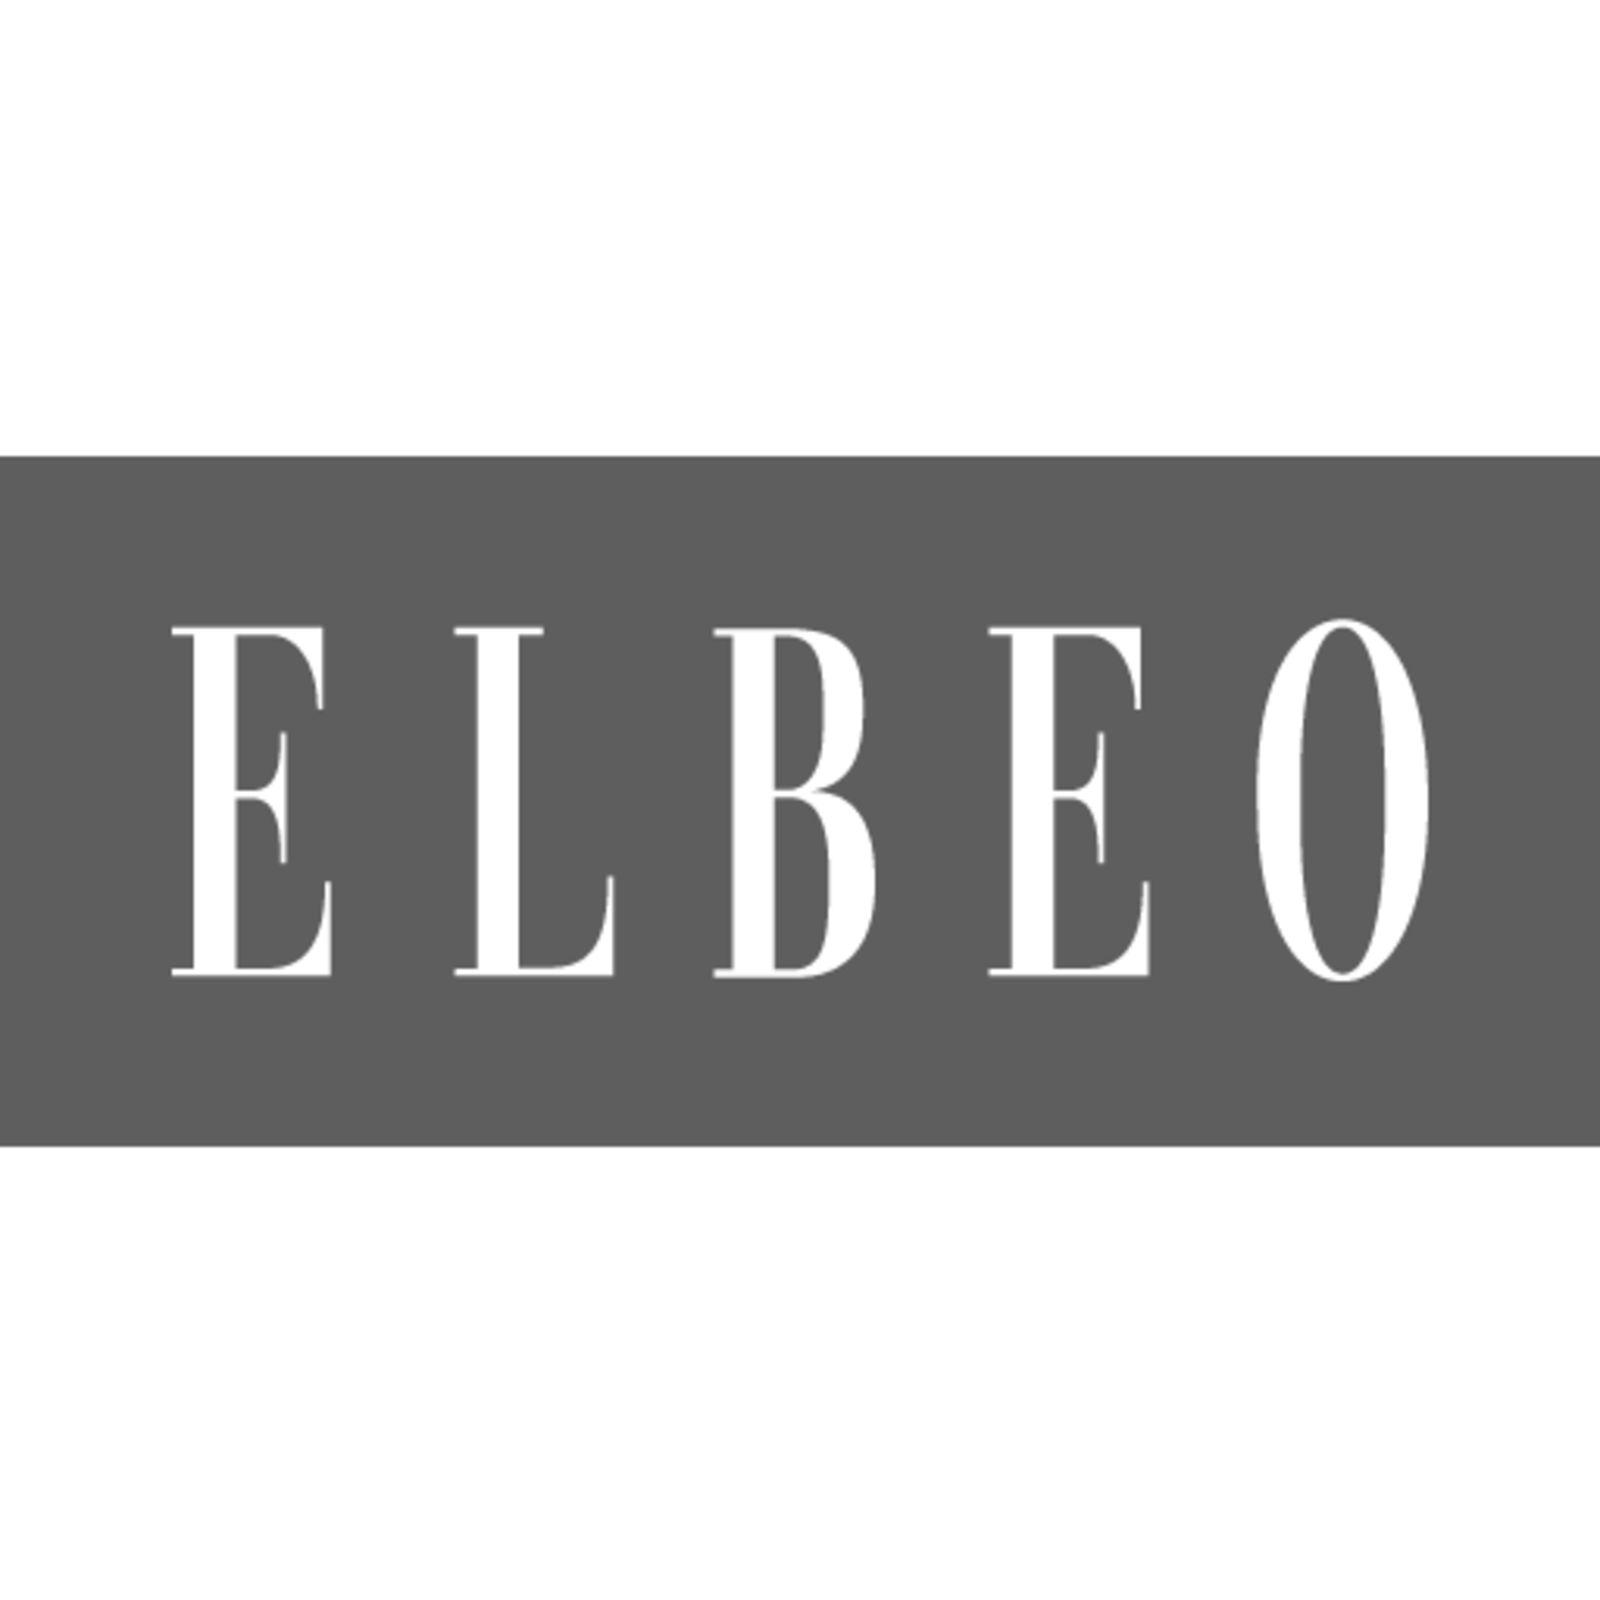 elbeo